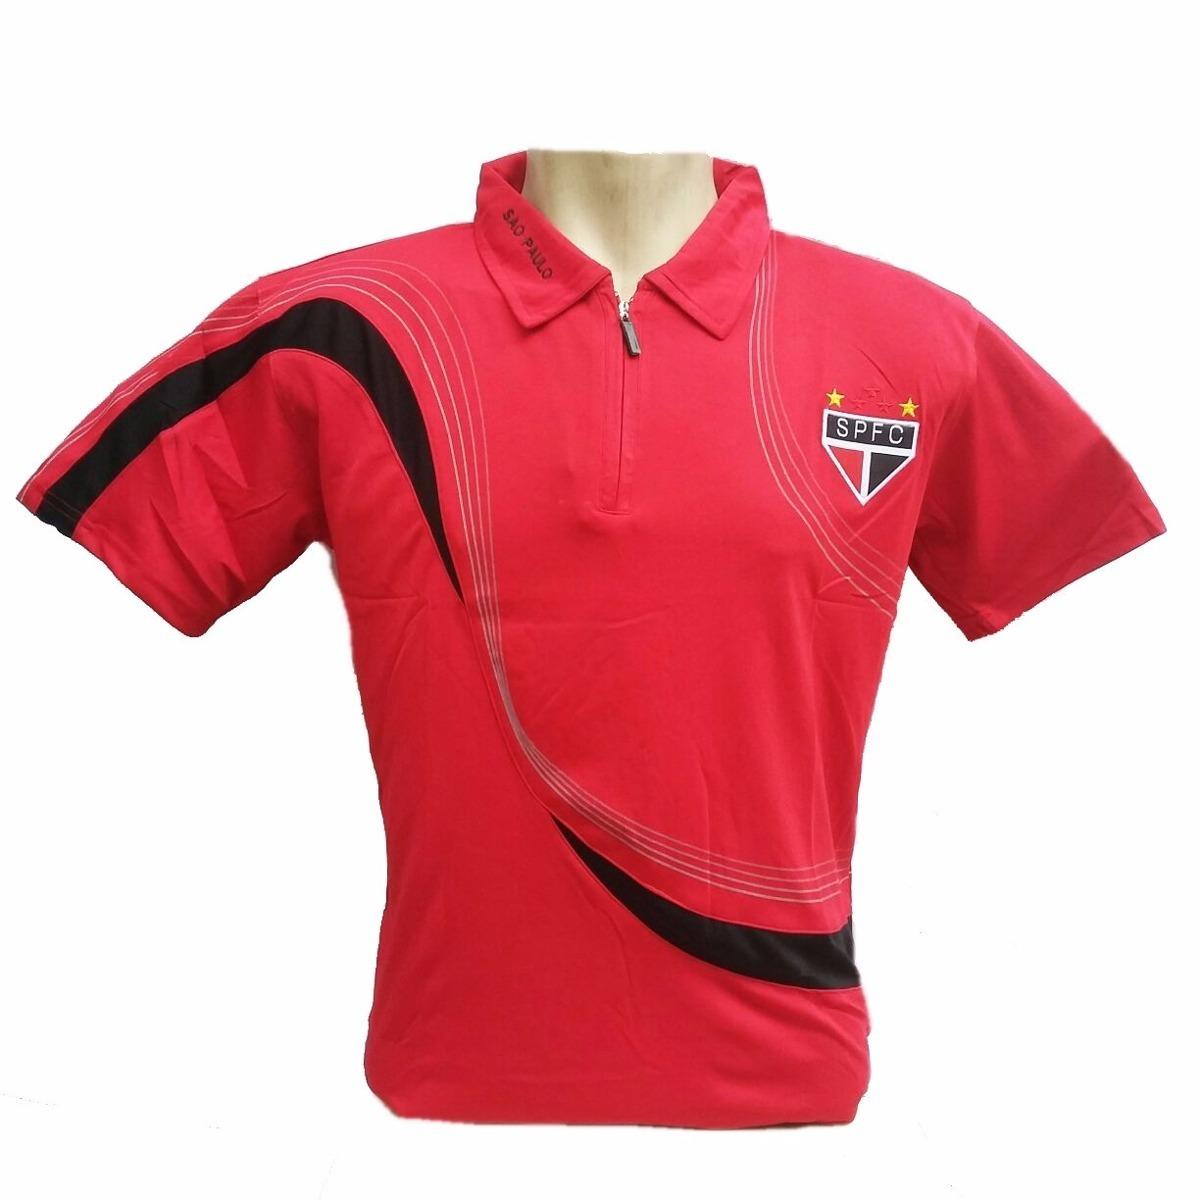 ba3786429ae Camisa Polo Do São Paulo Masculina Top Frete Gratis - R  90